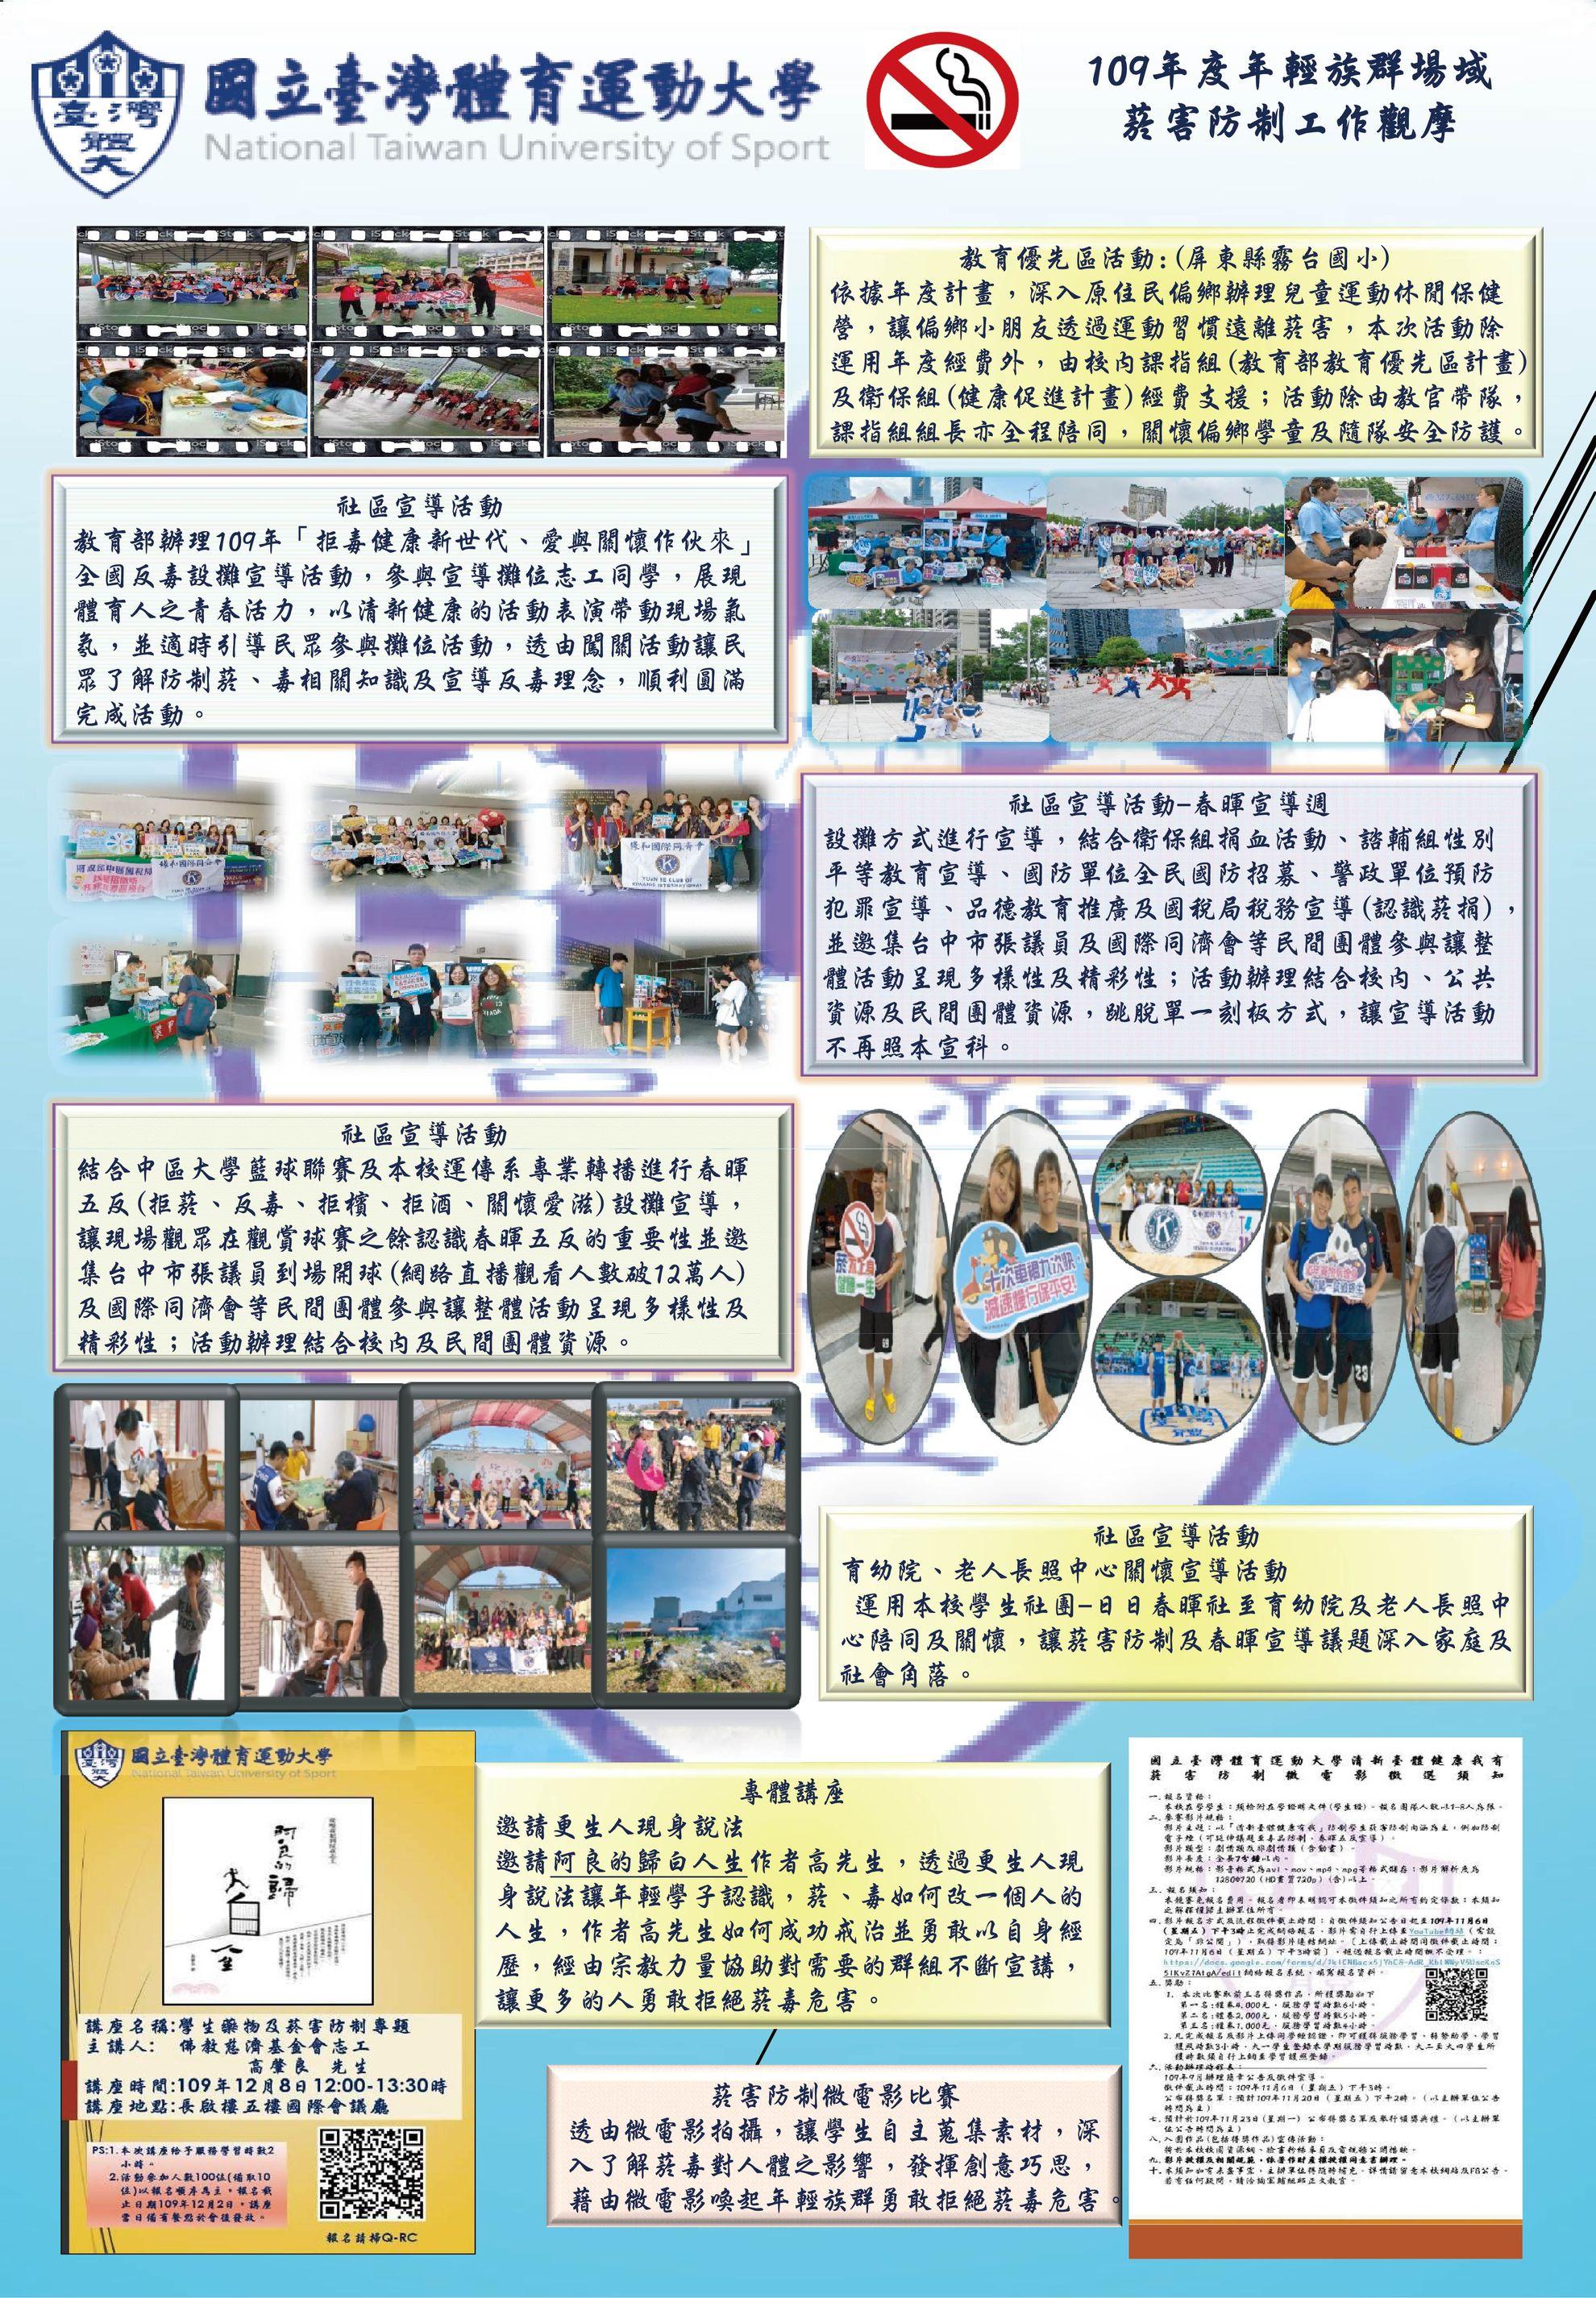 圖片-109年度國立台灣體育運動大學